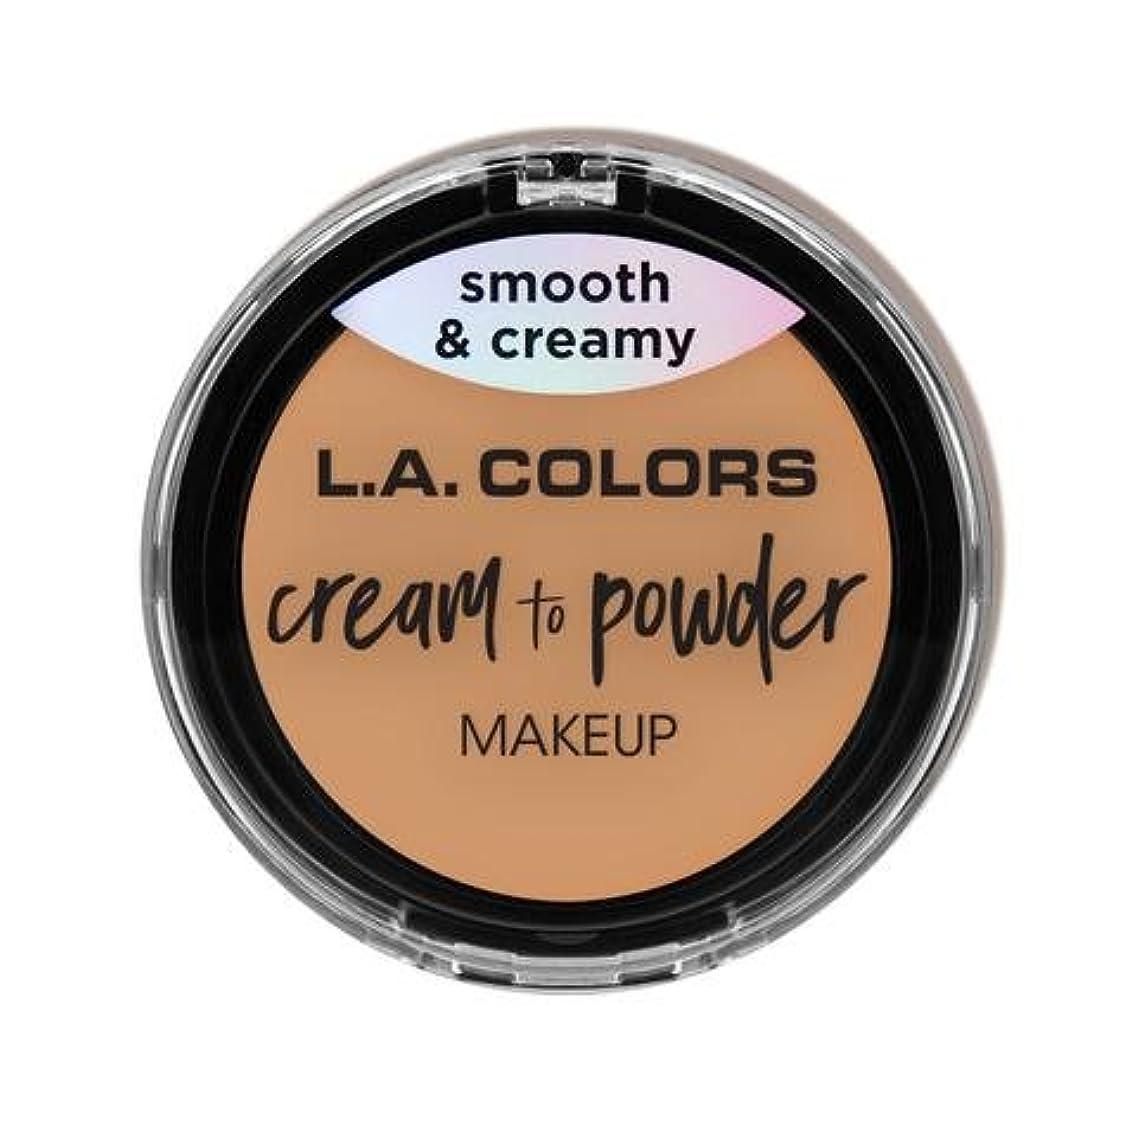 規制キノコ原始的な(3 Pack) L.A. COLORS Cream To Powder Foundation - Honey Beige (並行輸入品)